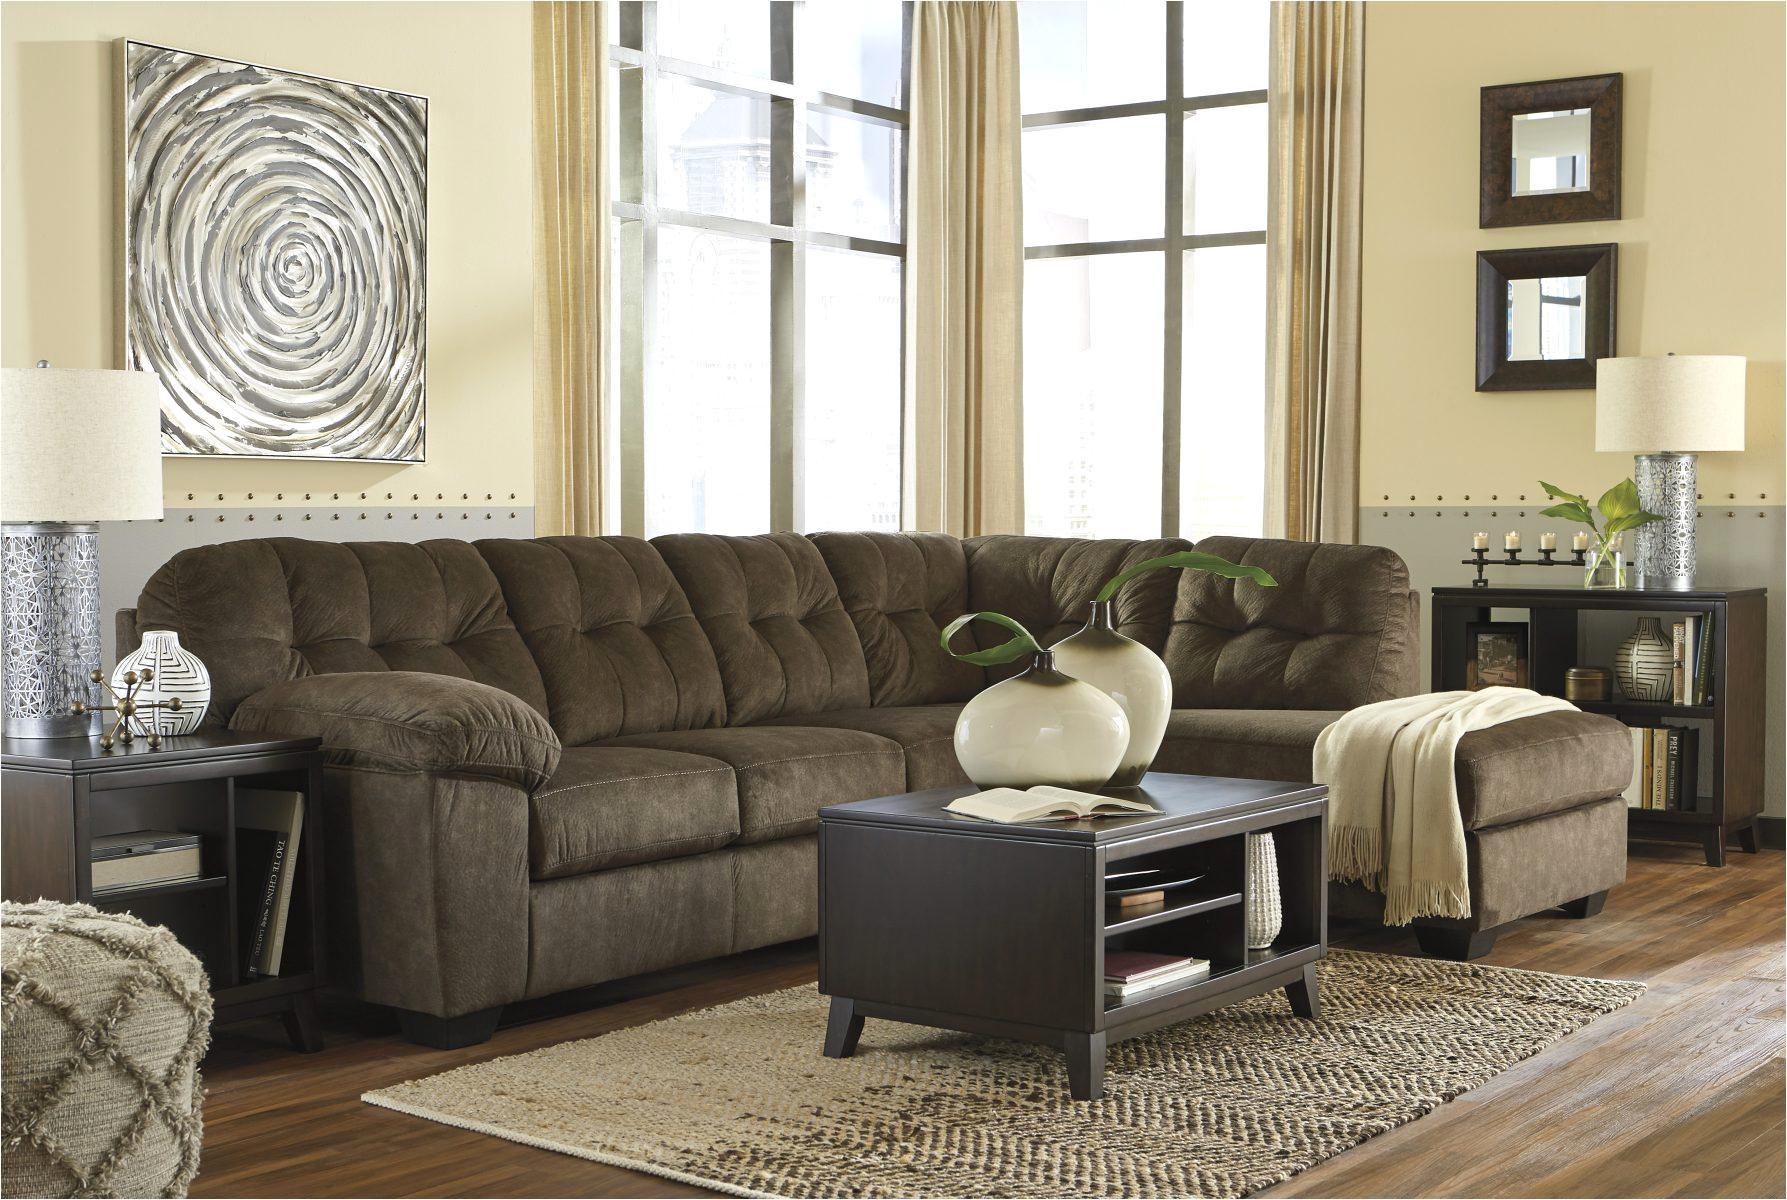 furniture mor furniture bedroom sets awesome 26 ashley furniture bedroom furniture inspirational mor furniture bedroom sets